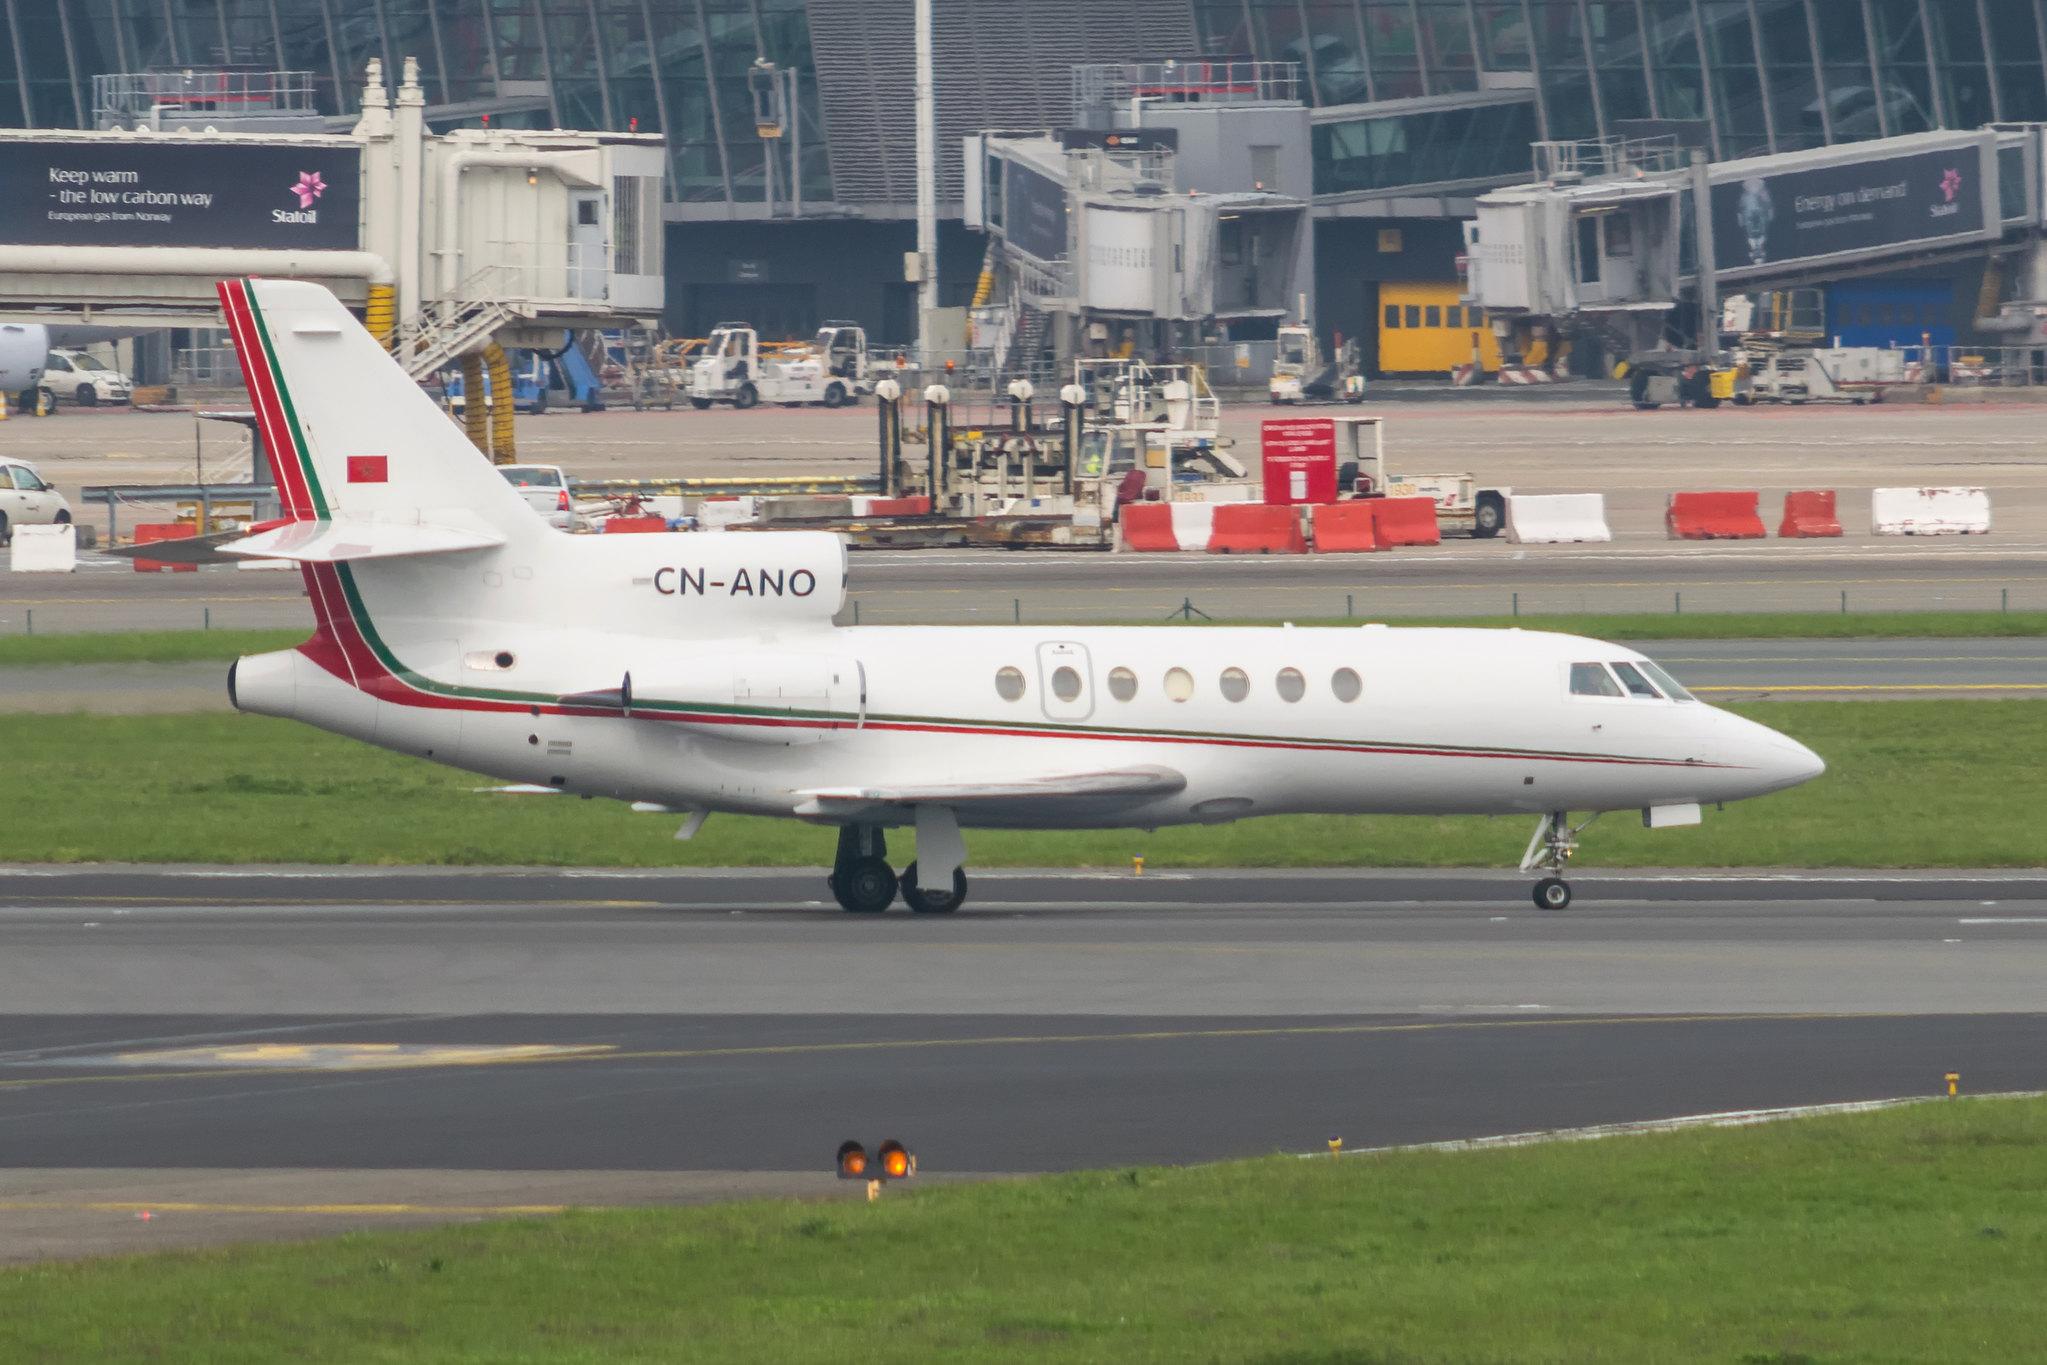 FRA: Avions VIP, Liaison & ECM - Page 13 26305057250_d3b9589553_k